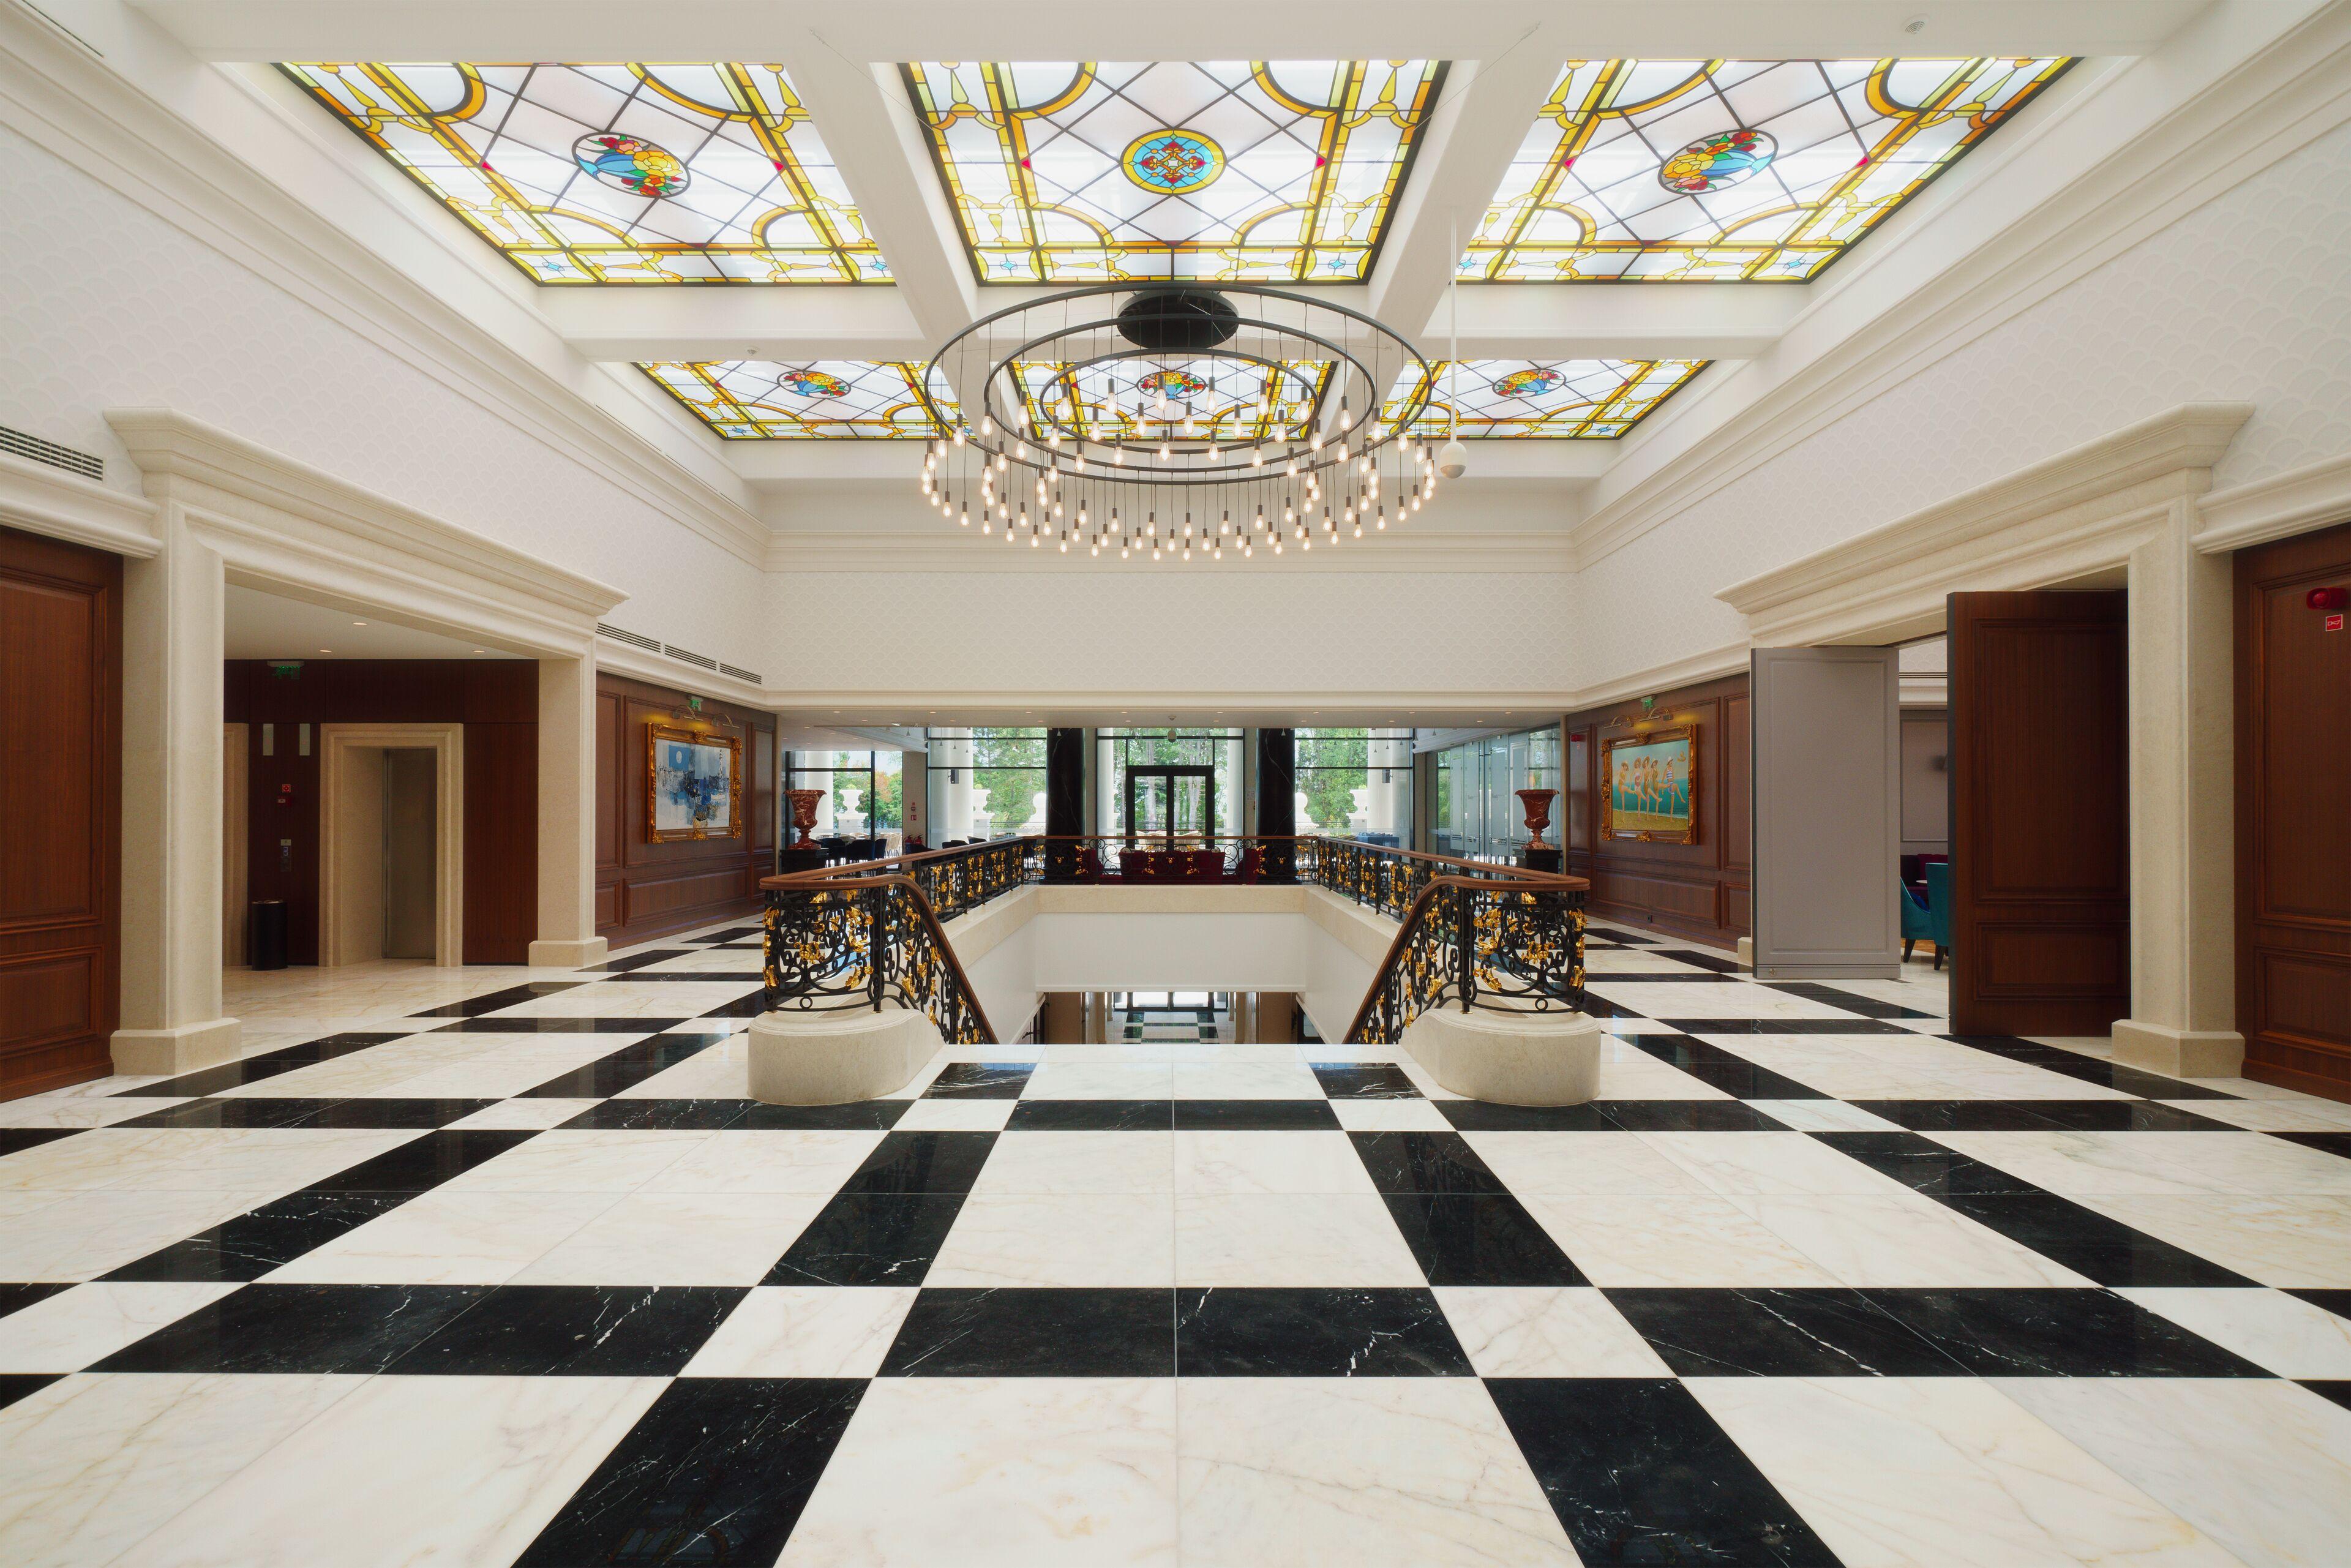 Courtesy of Astor Garden Hotel / Expedia